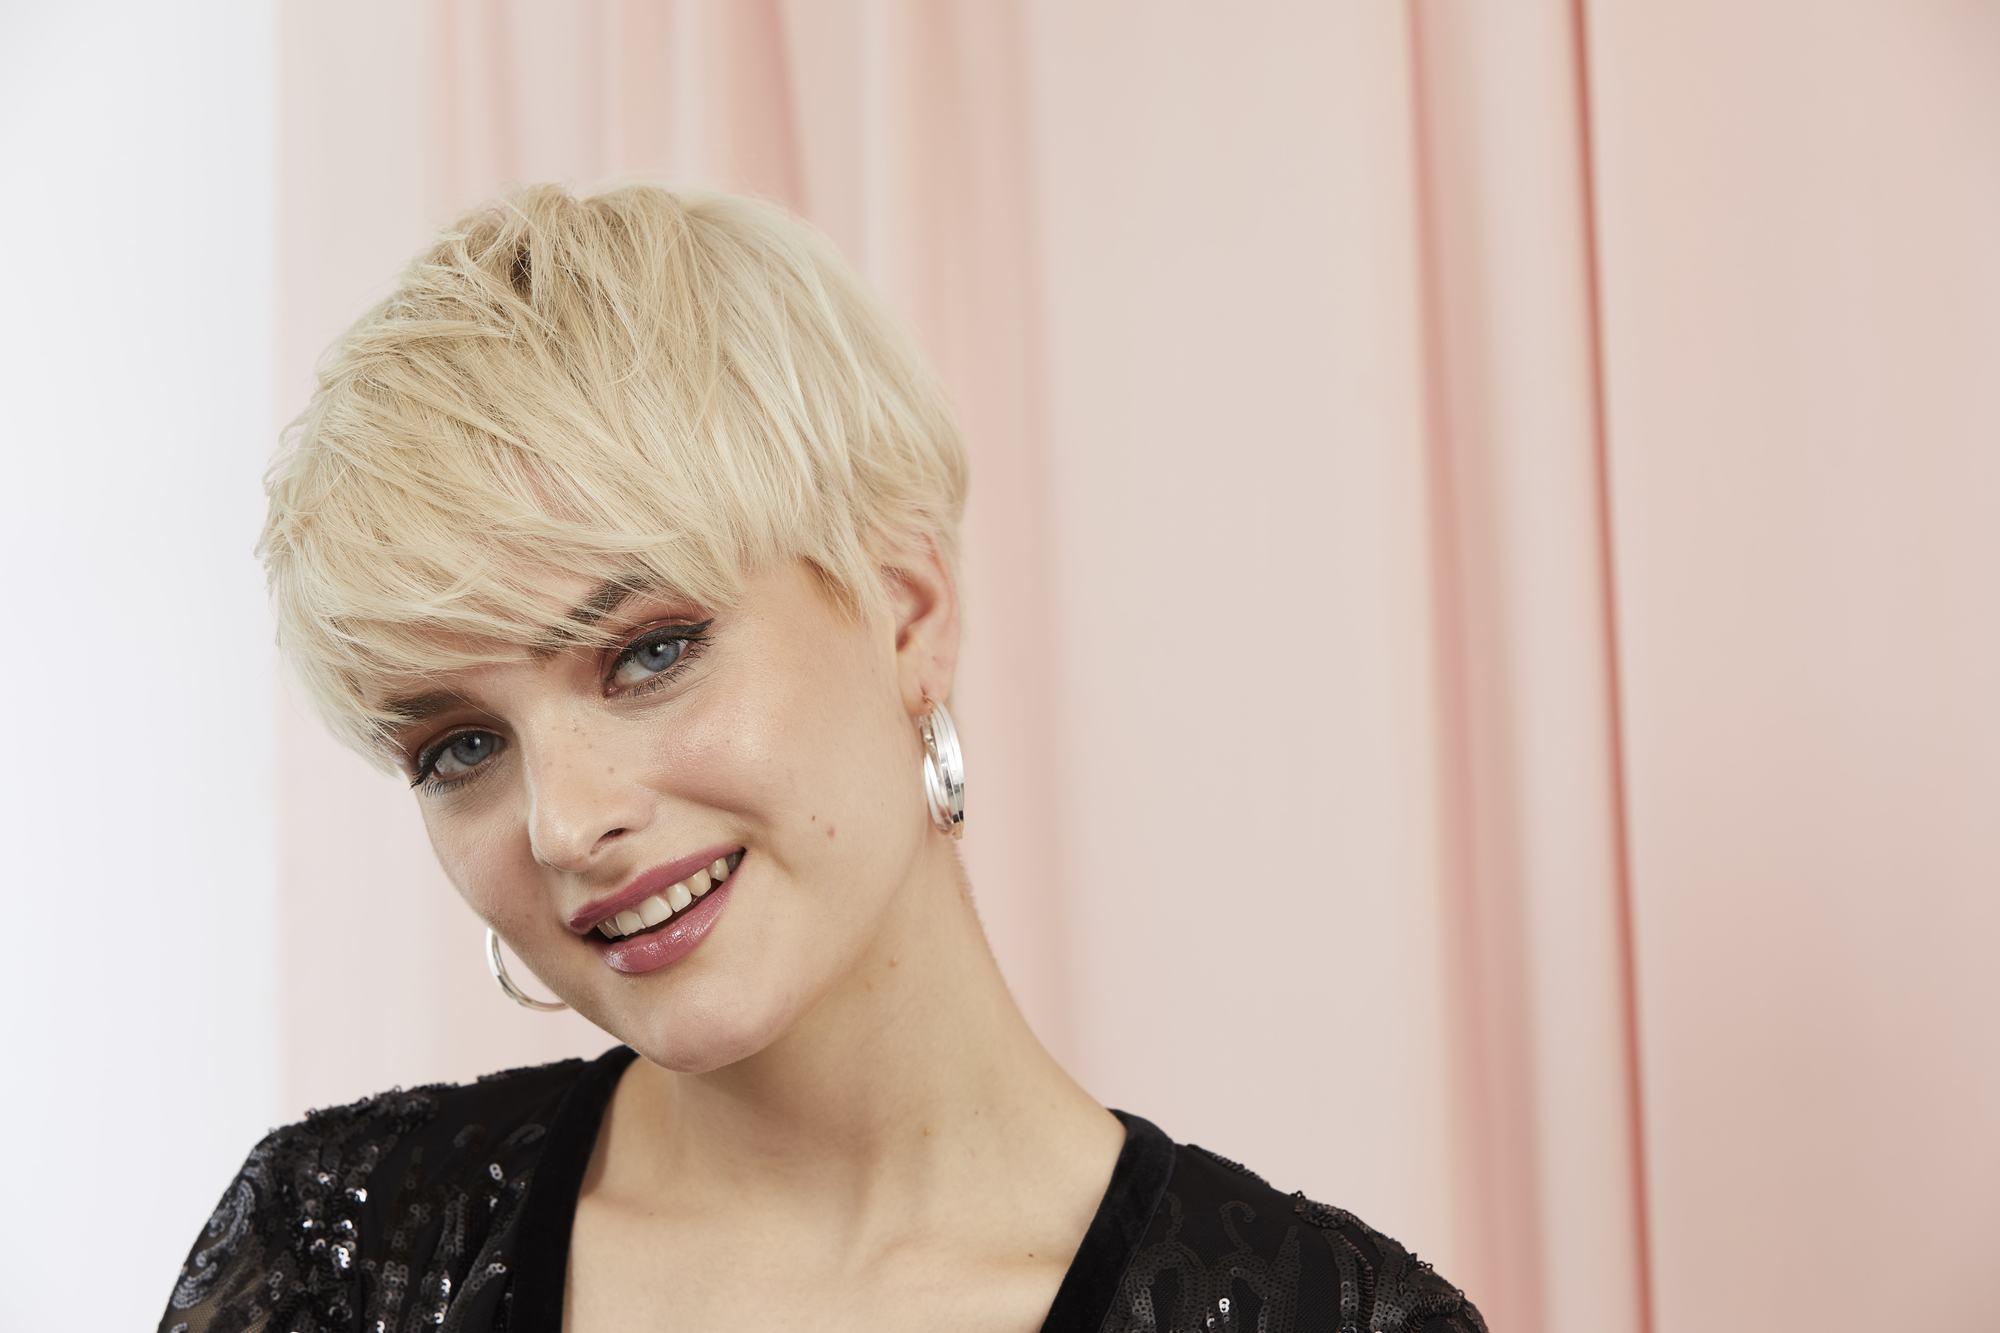 femme avec une longue coupe de lutin blonde